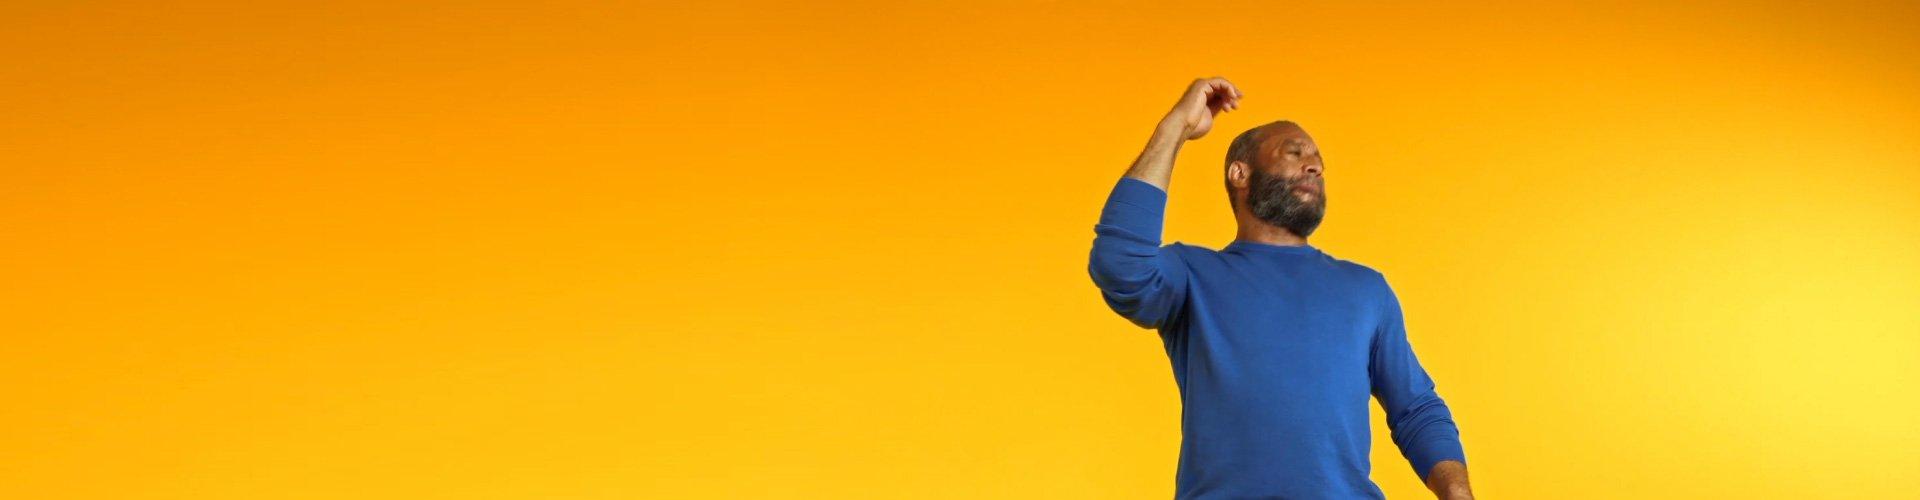 Een man die een Philips hoortoestel draagt en geniet van het feit dat hij muziek kan horen en zich met zijn dierbaren kan verbinden